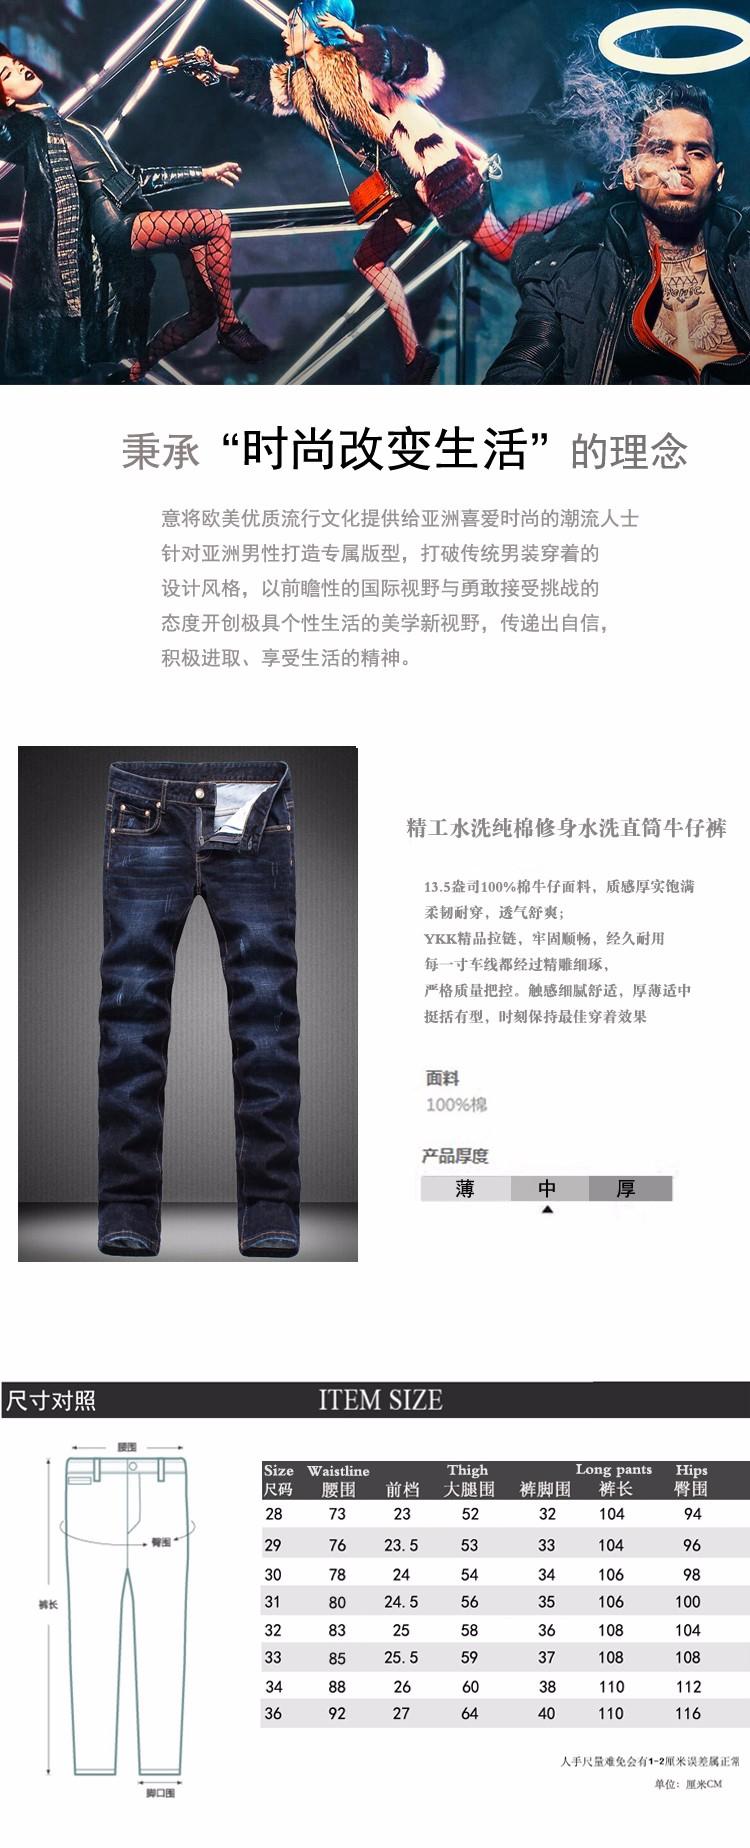 Скидки на Дизайнерский бренд брюки мальчик джинсы Маленькие ноги штаны брюки прямые новый человек джинсы страх божий байкер джинсы